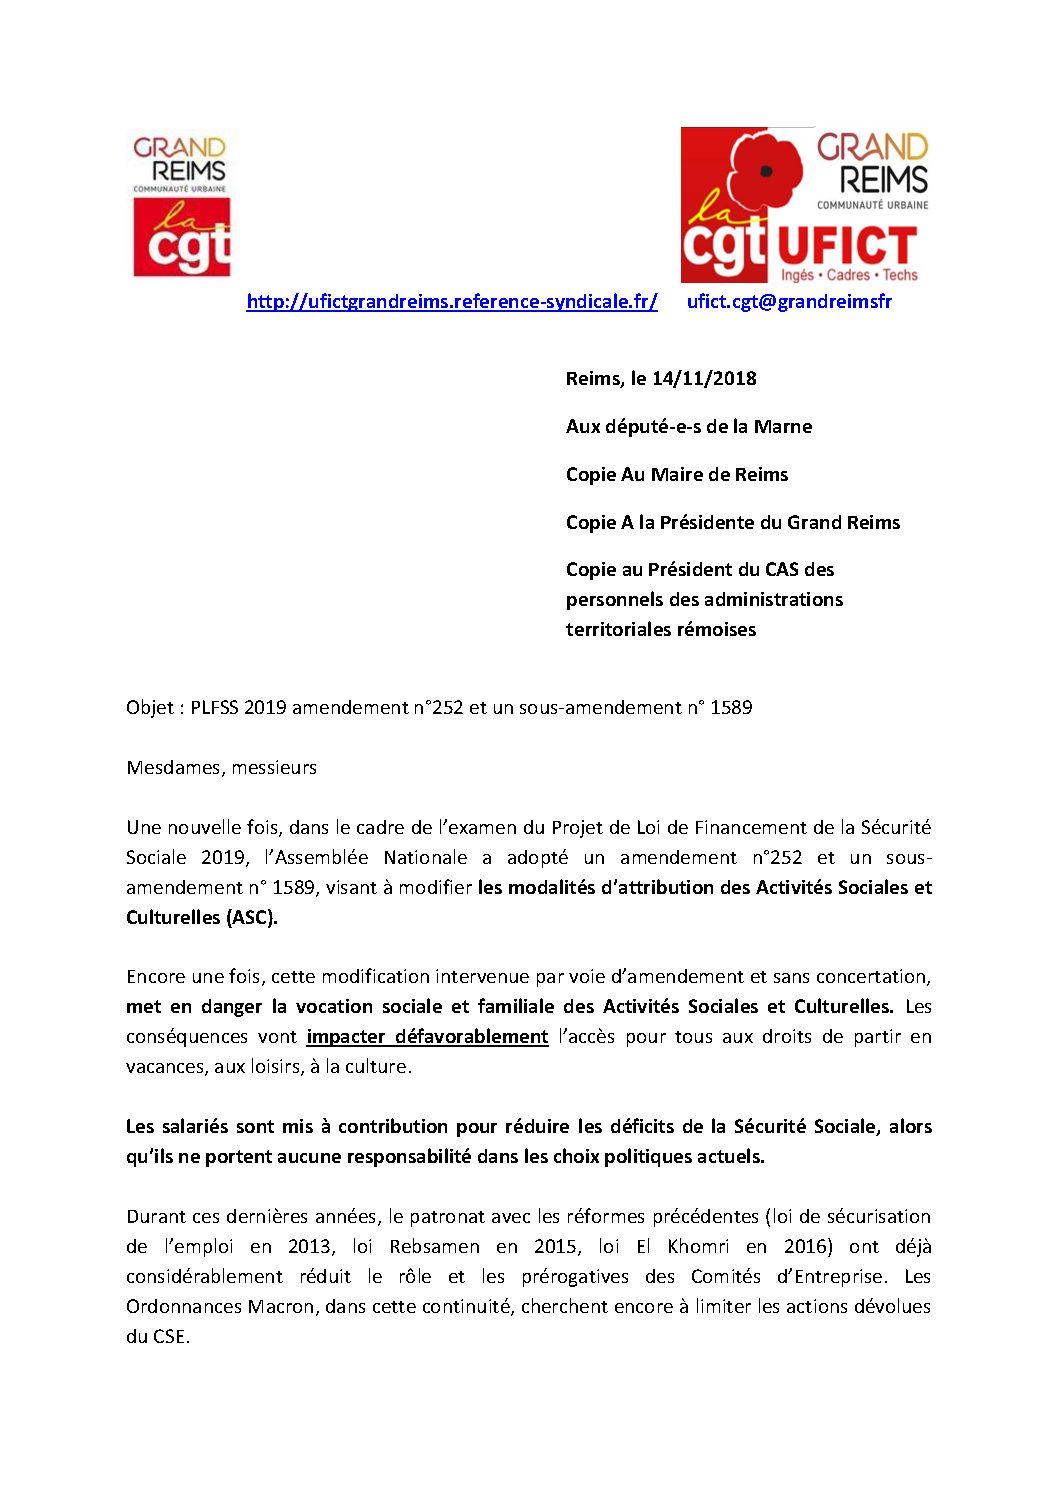 Cas La Cgt Et Lufict Cgt Du Grand Reims écrivent Aux Députés De La